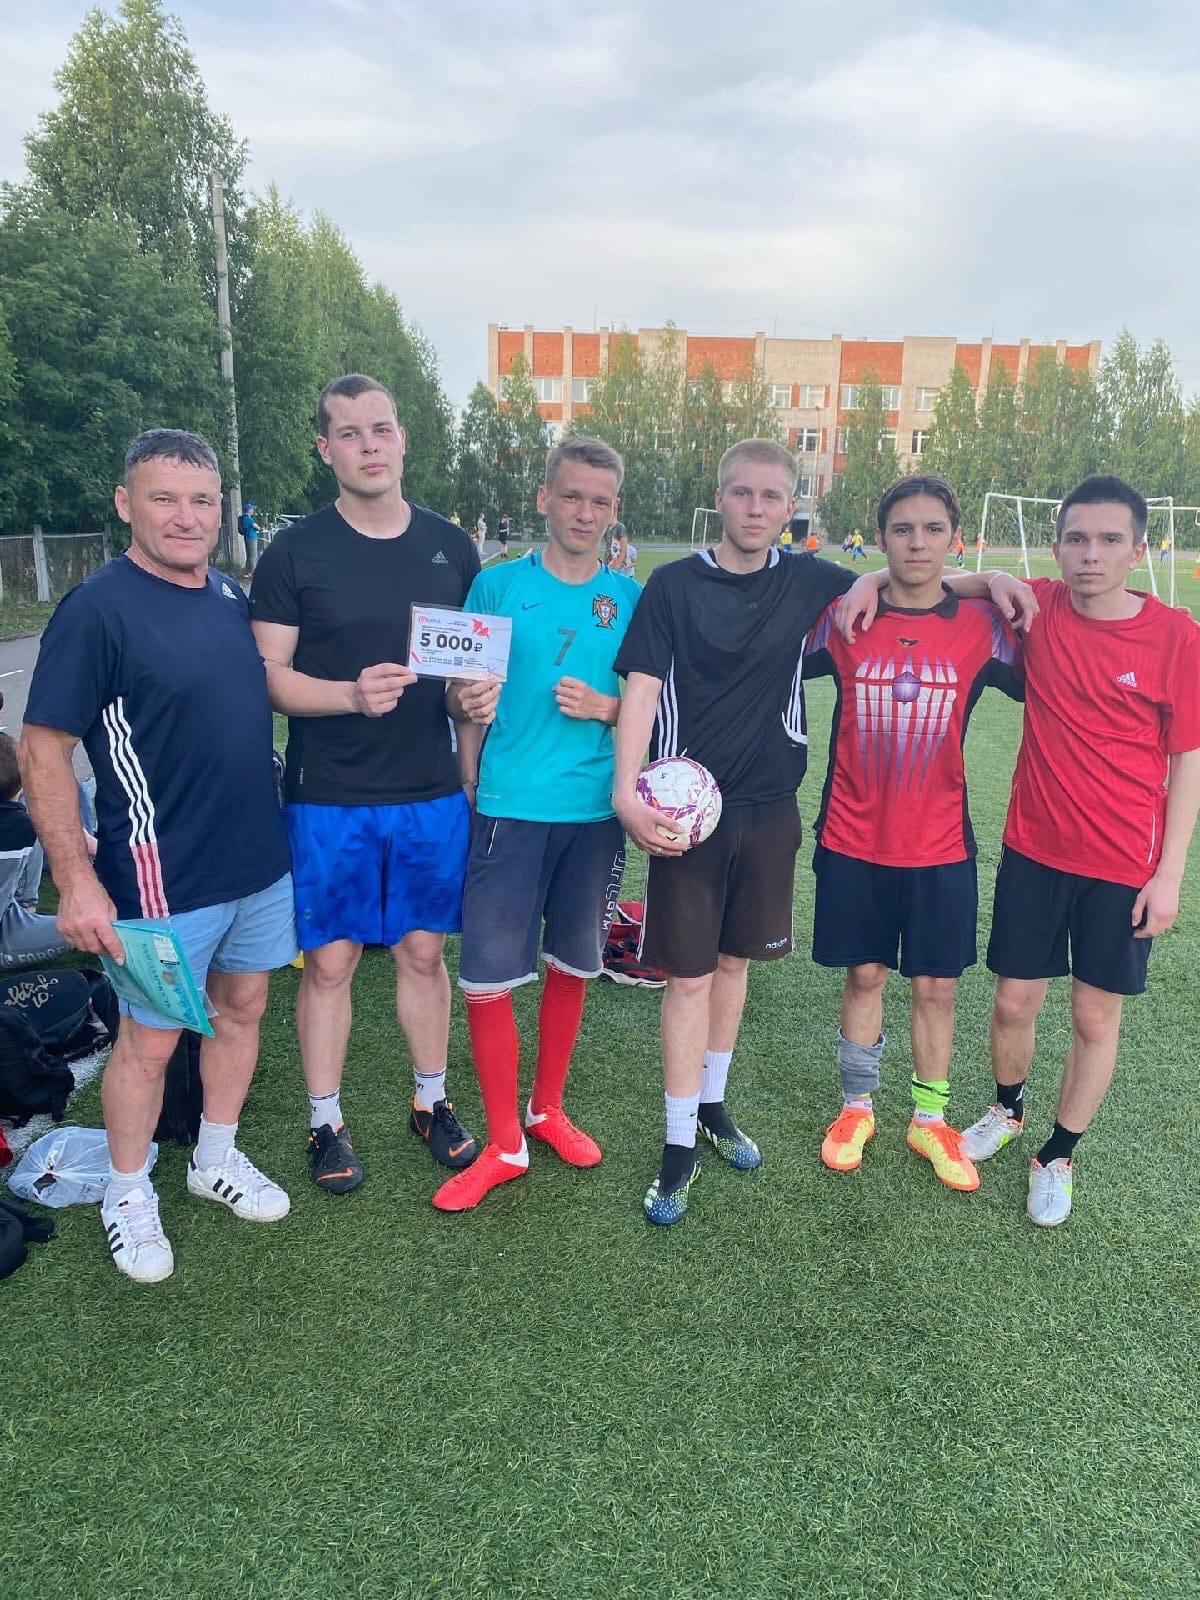 Соревнования по футболу среди молодежи прошли вчера